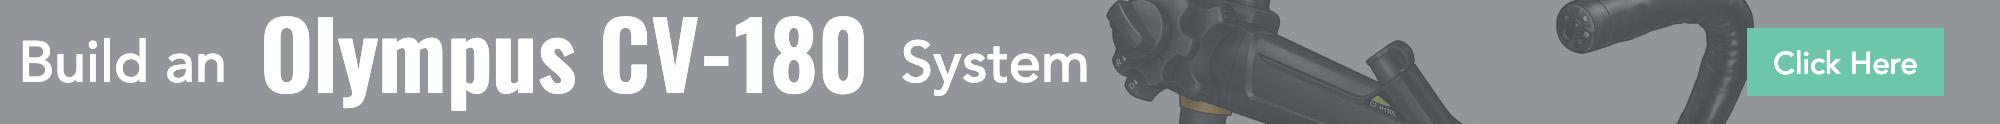 Olympus CV-180 System